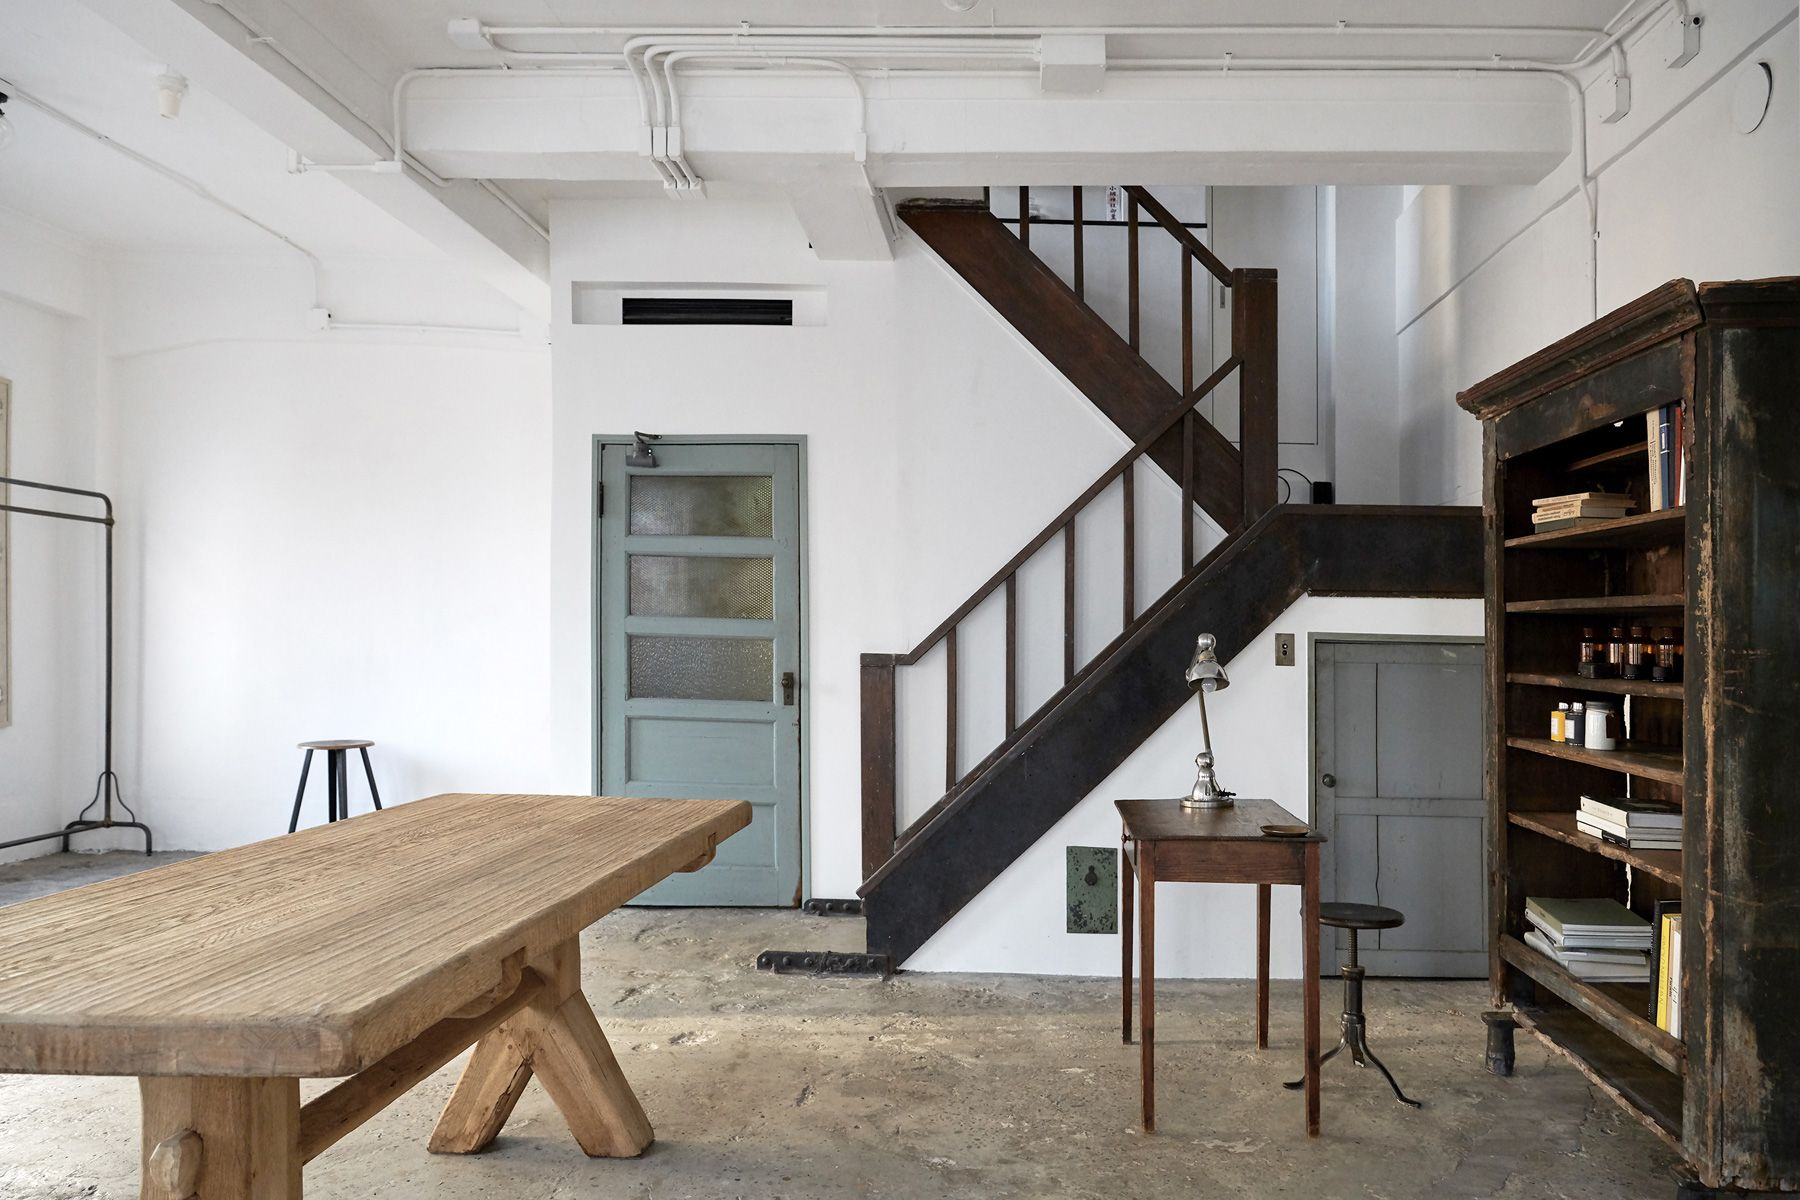 BLANK (ブランク)4階に通じる木の階段